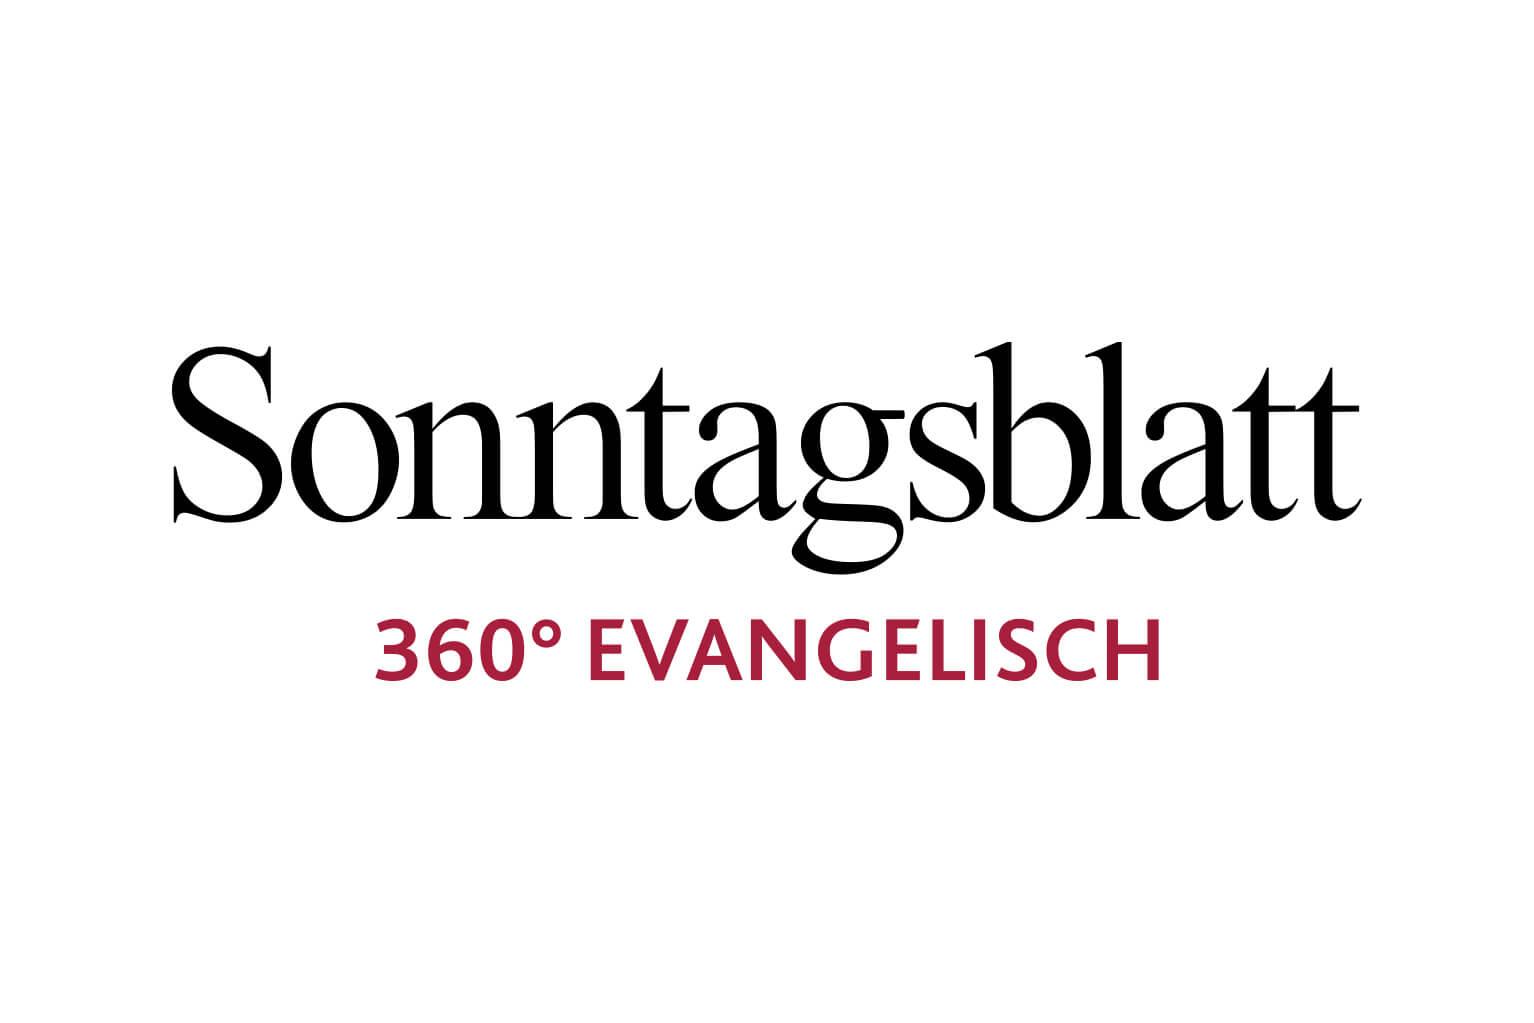 Bildnachweis: Evangelischer Presseverband für Bayern e.V. (EPV)